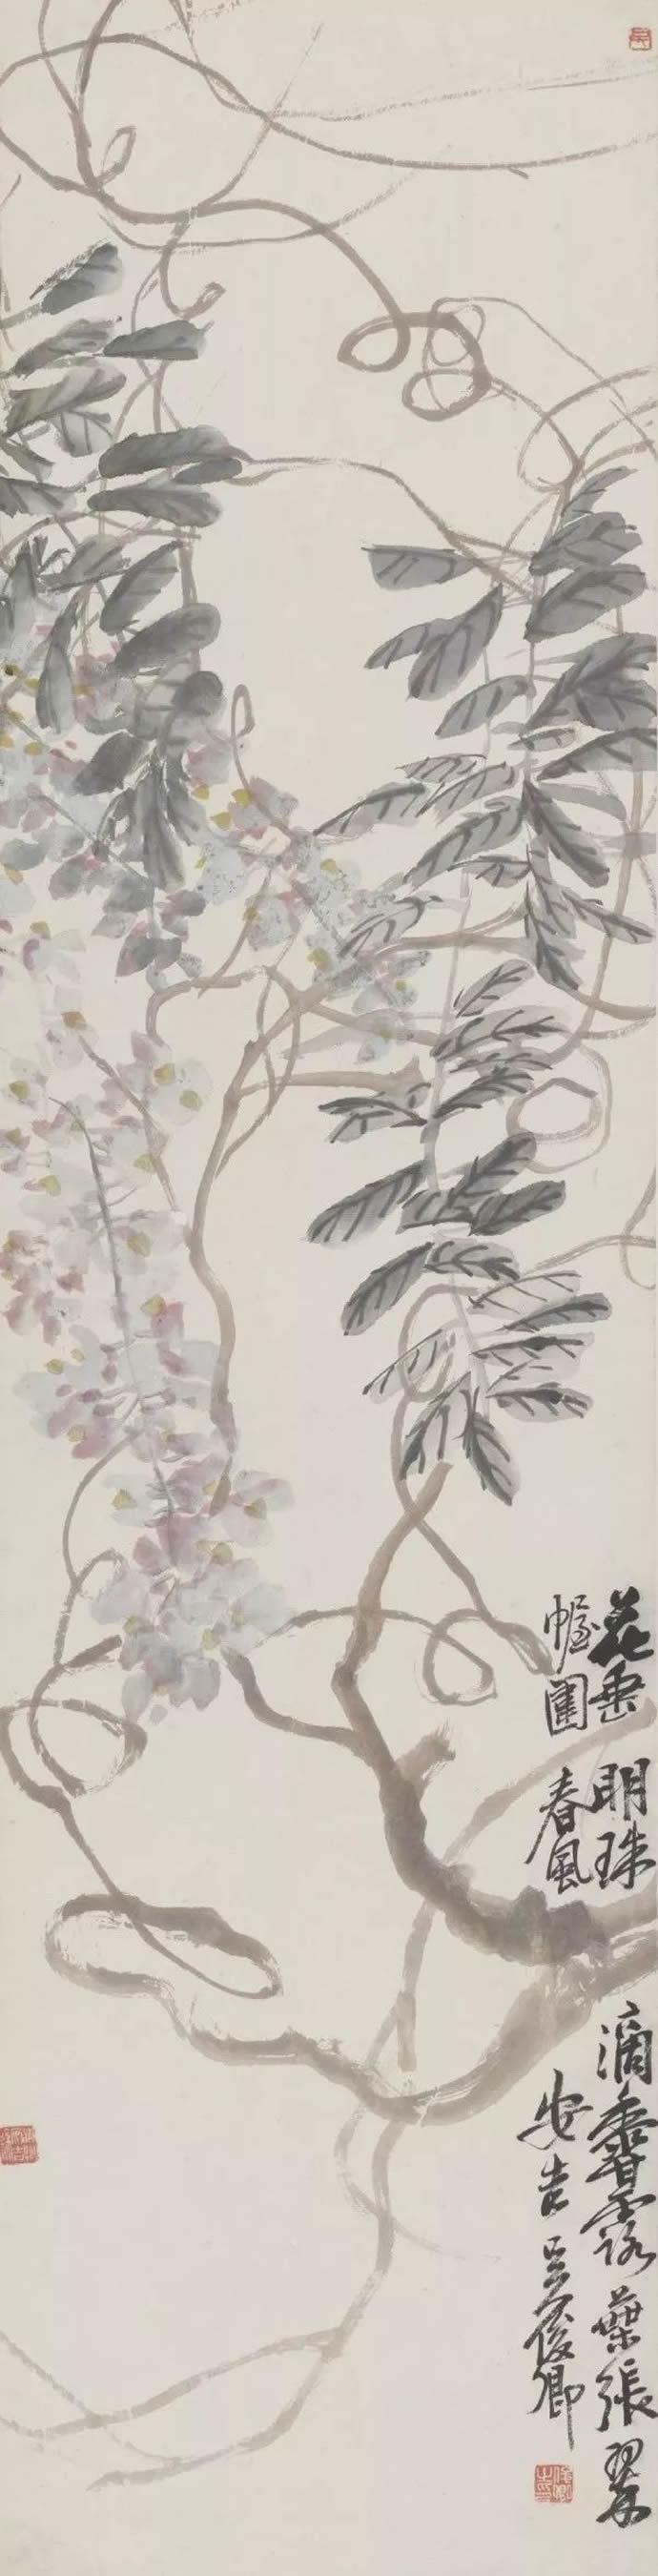 吴昌硕 紫藤轴